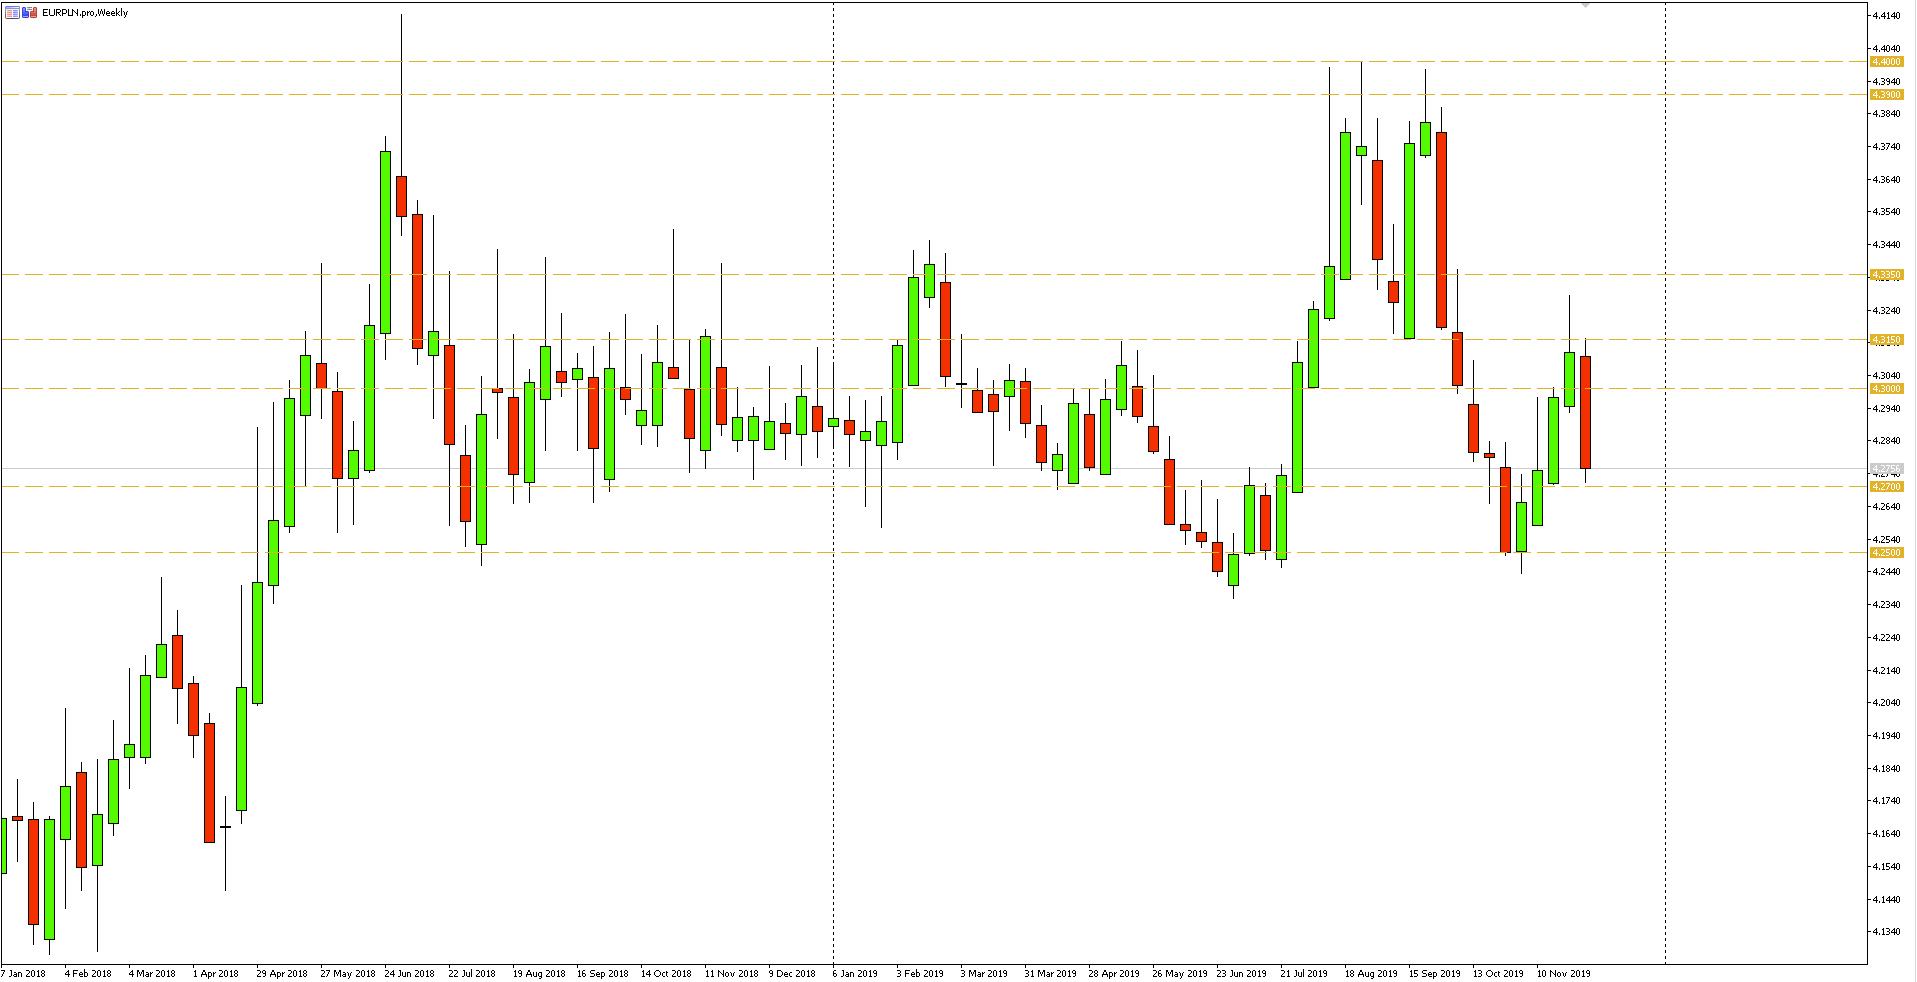 Wykres tygodniowy pary walutowej EURPLN - 08.12.2019 r.